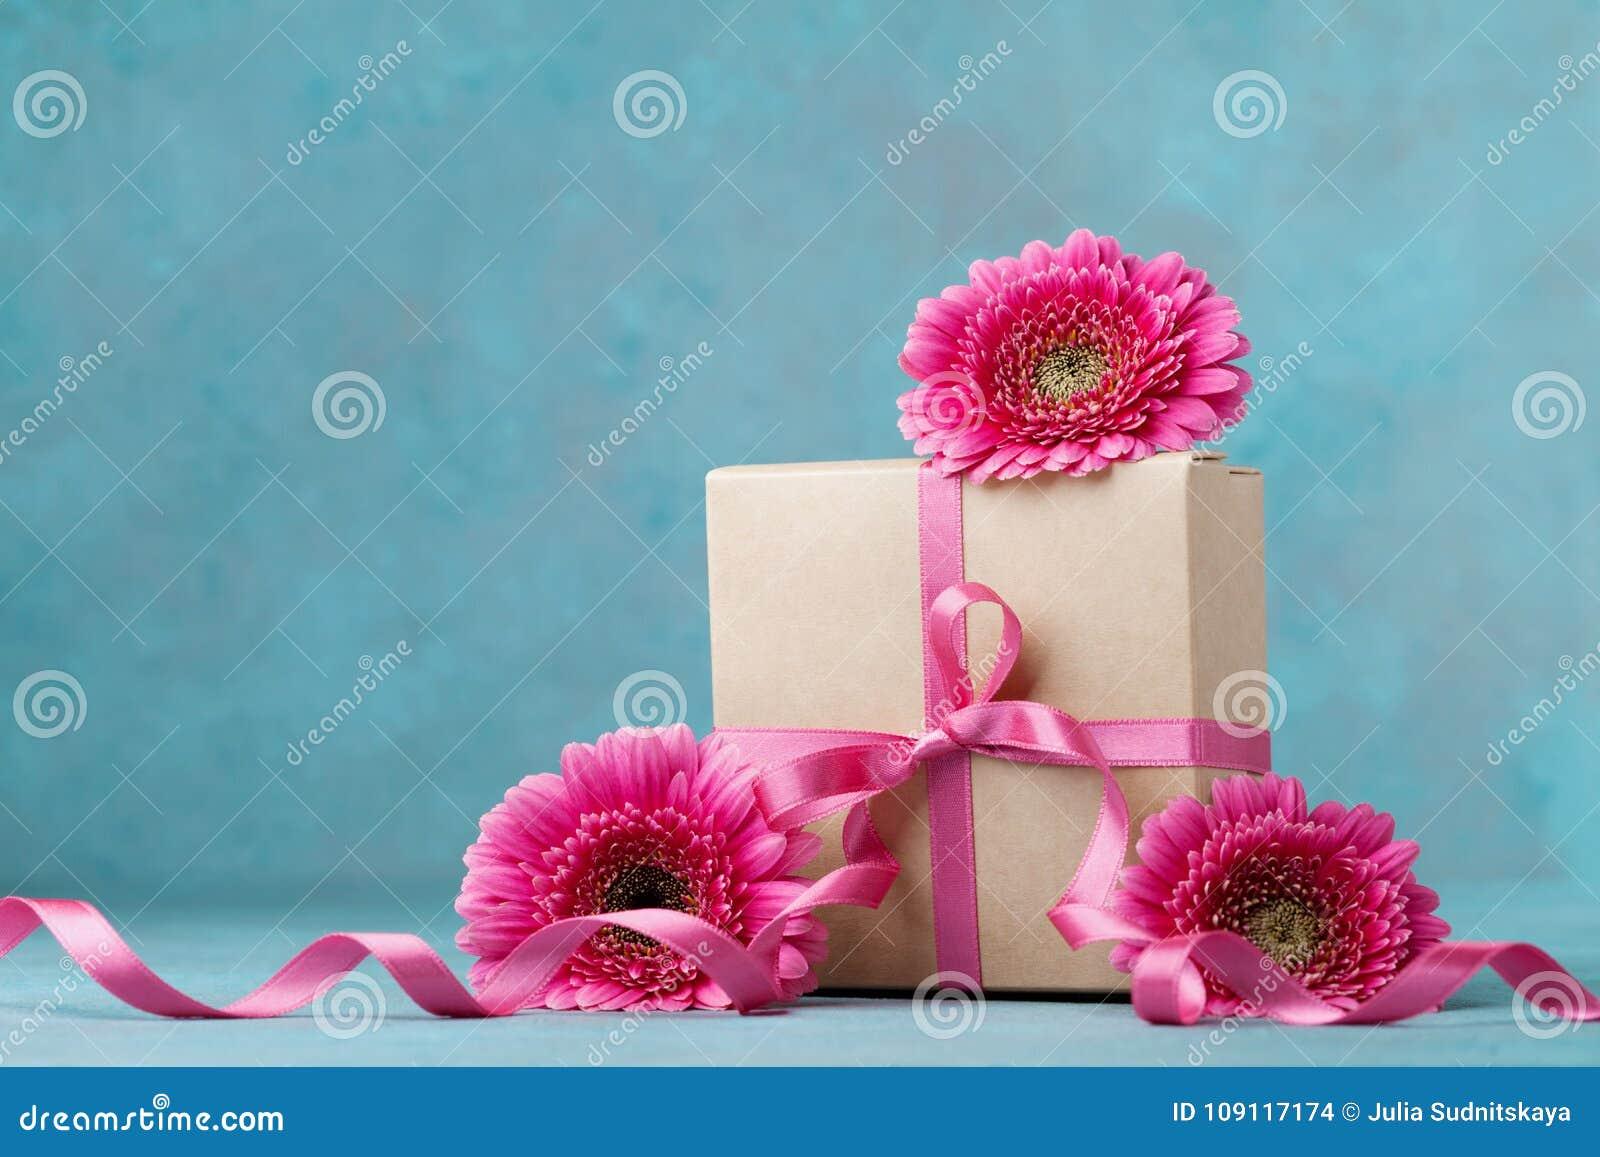 Fleurs Et Boite Cadeau Roses Avec Le Ruban Sur La Table De Turquoise